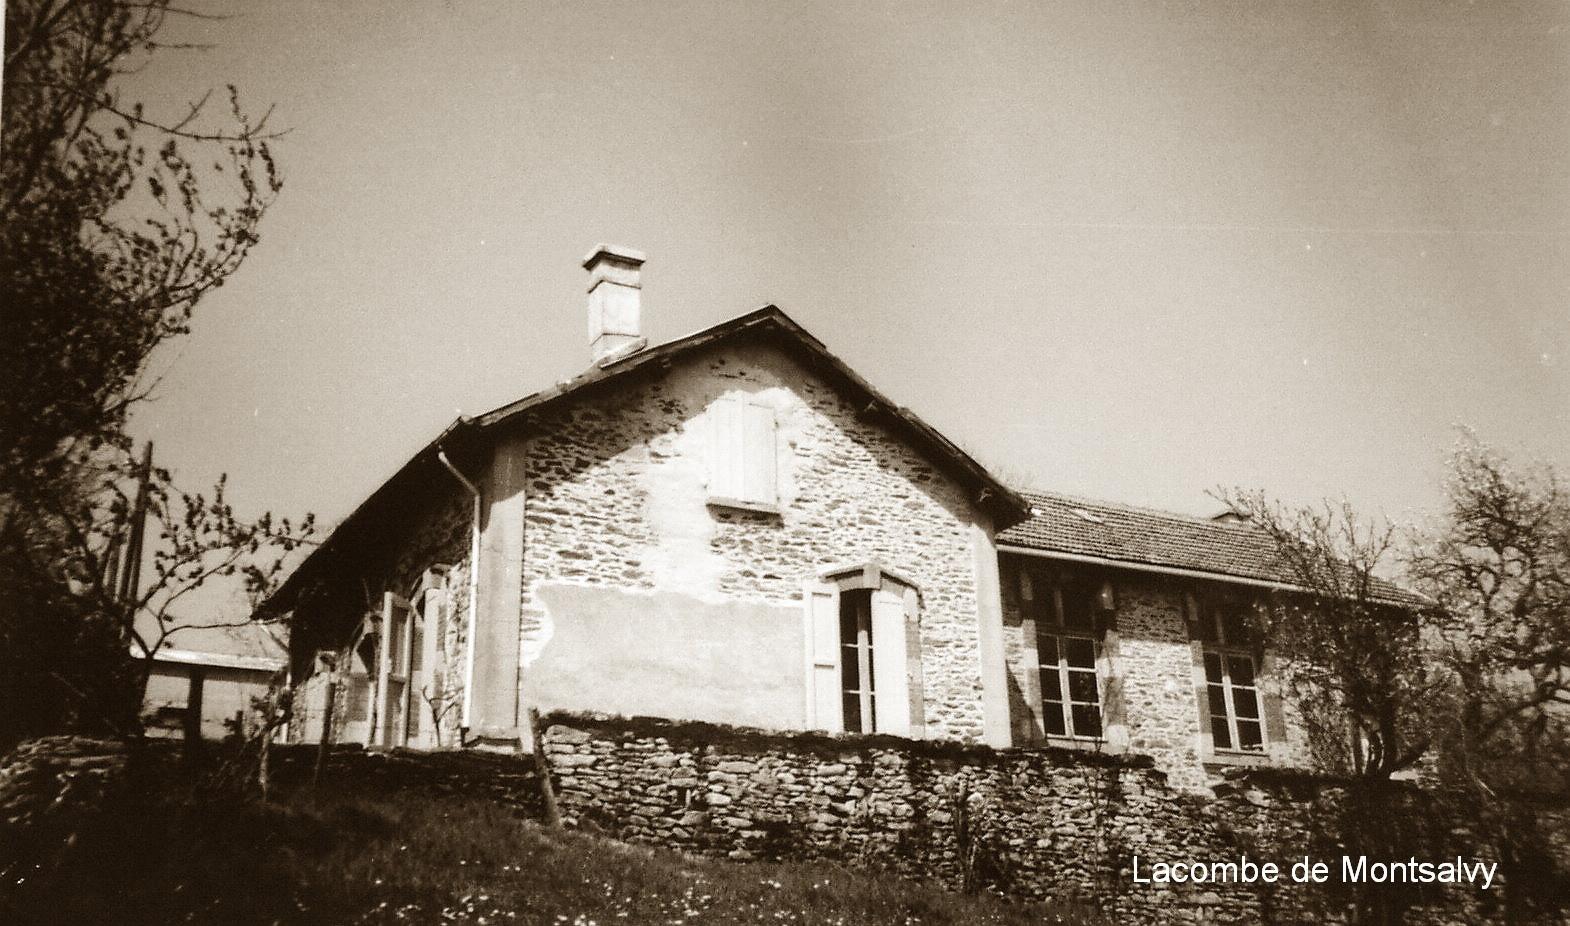 Maison d'école de Lacombe (Montsalvy)